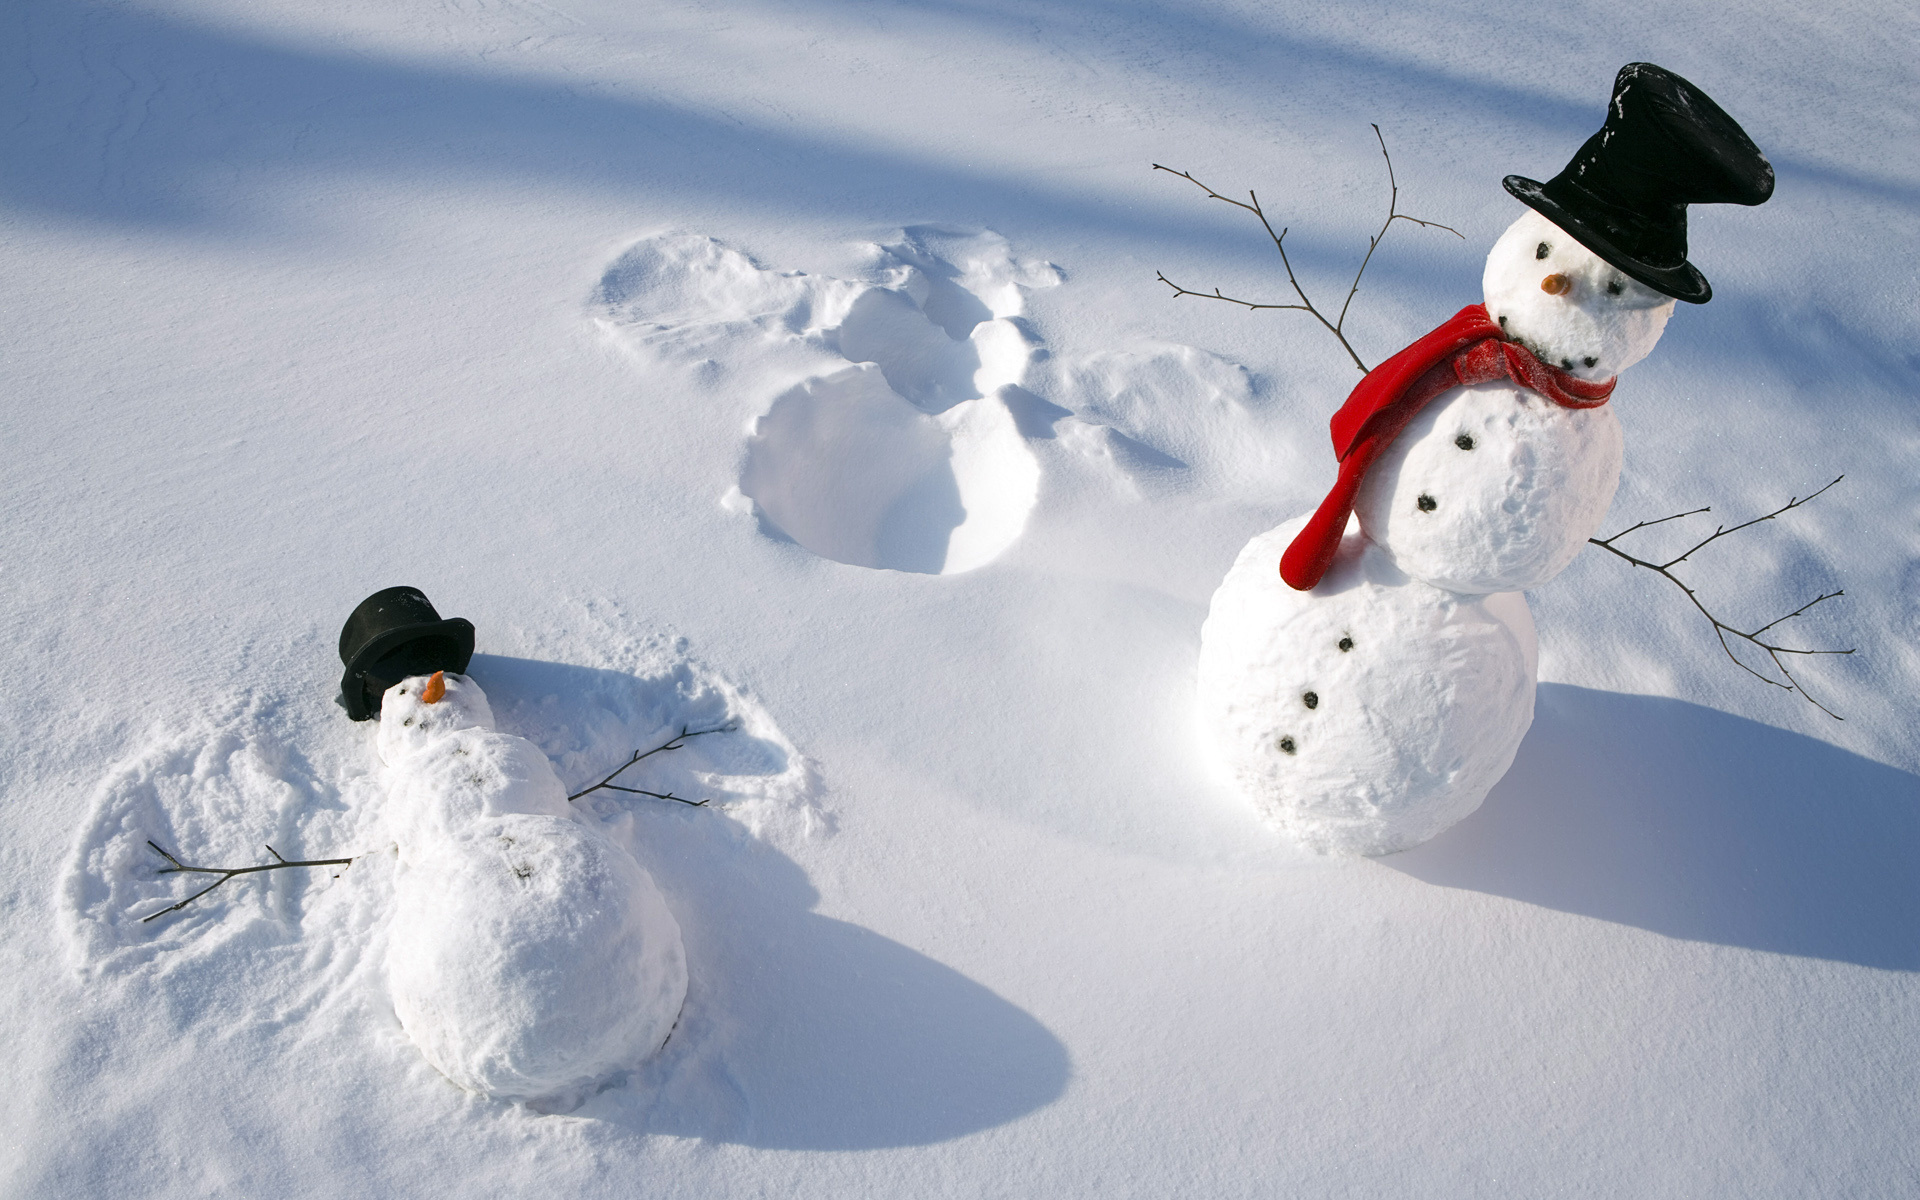 Картинки снеговиков смешных